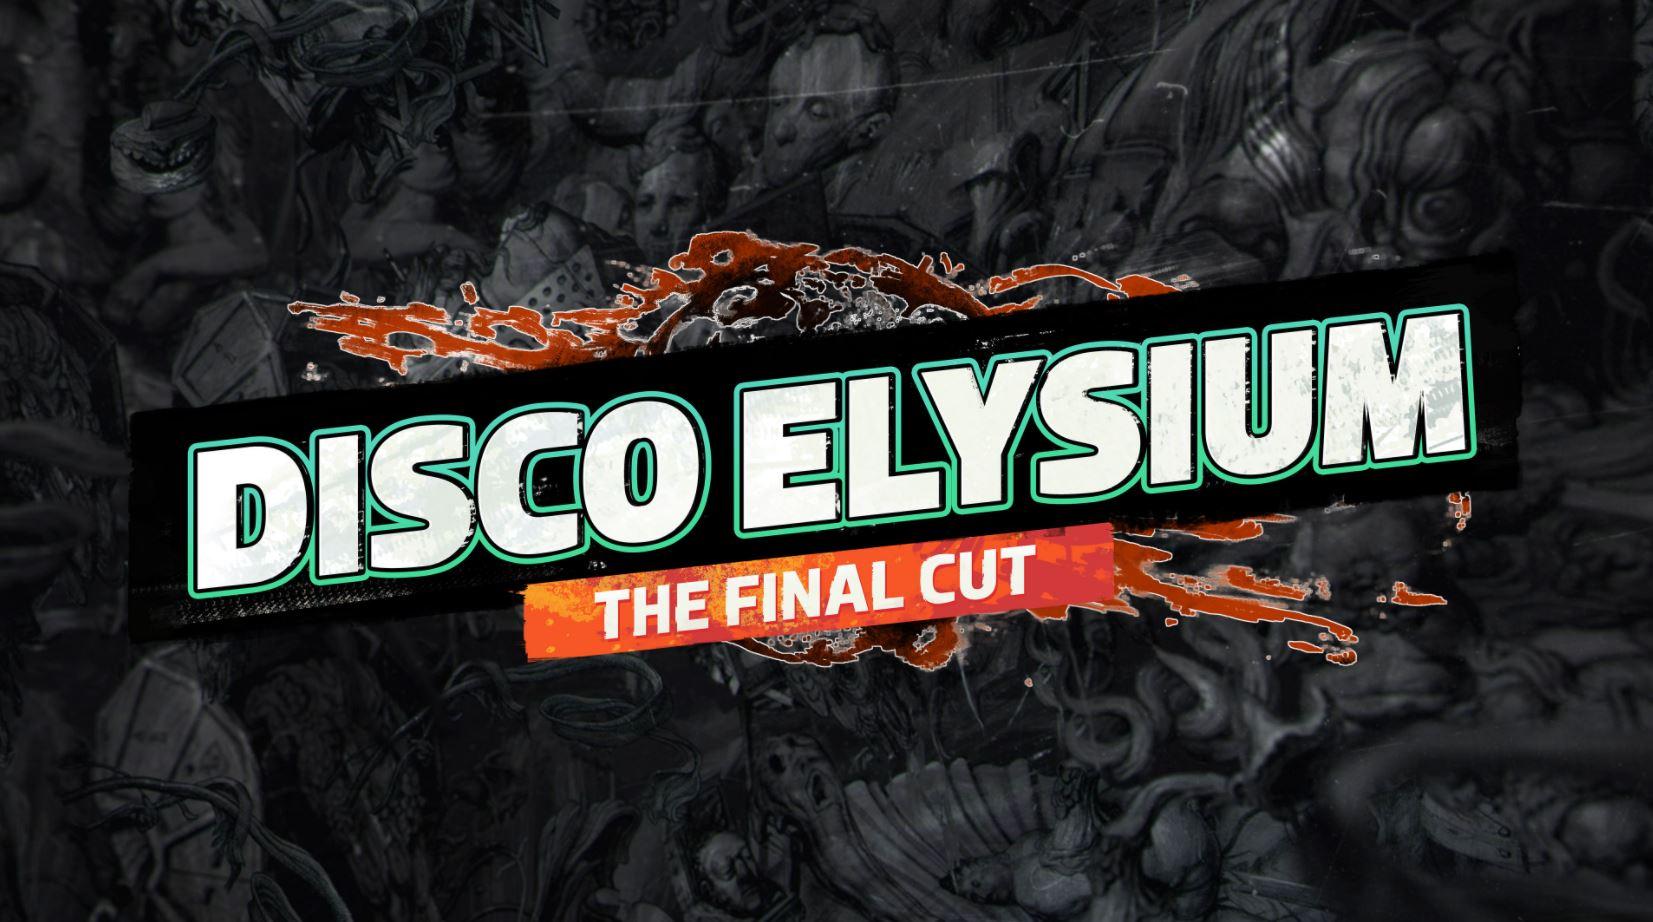 disco-elysium-news-review-videos